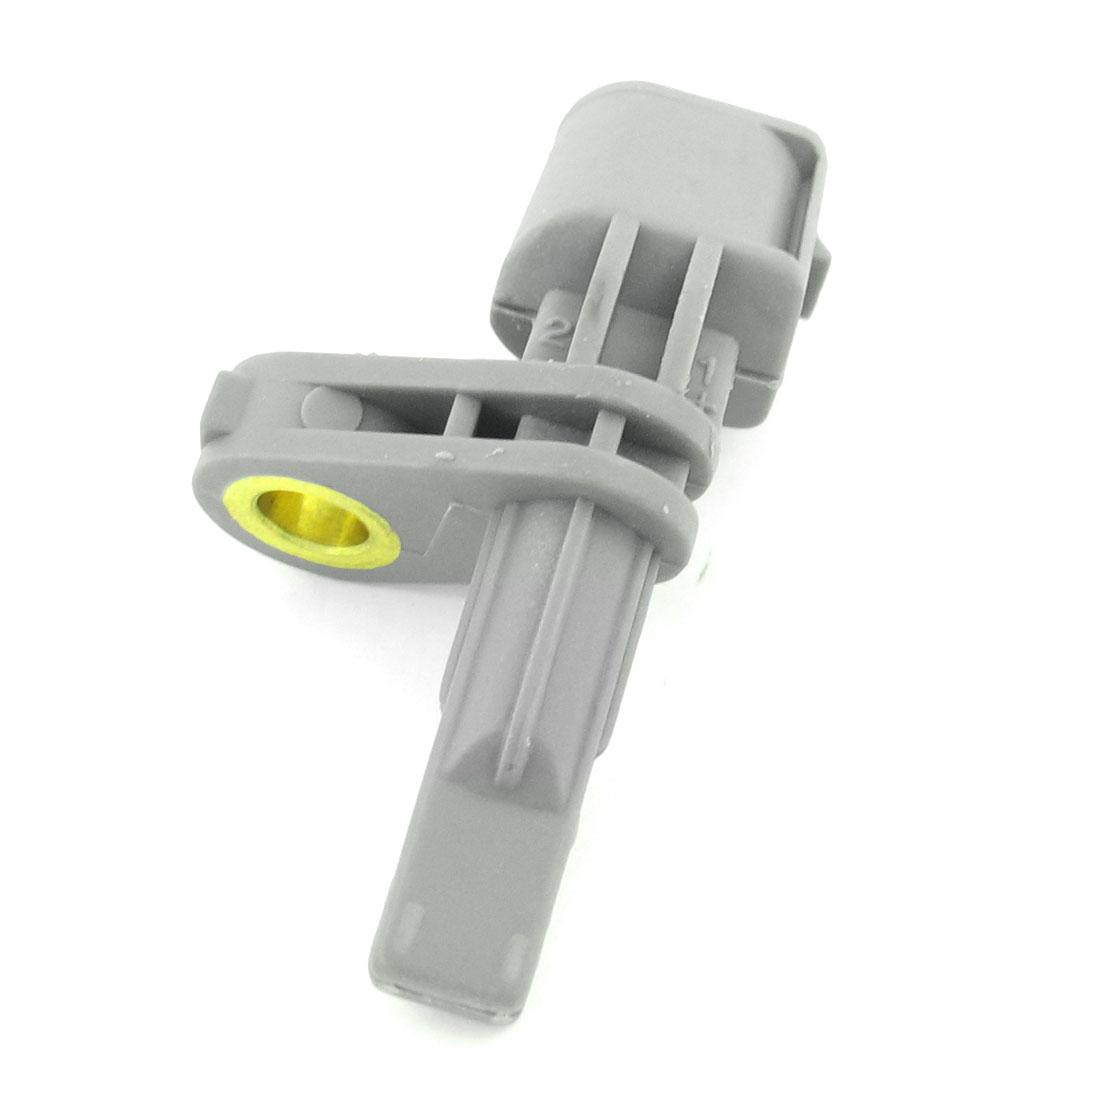 New ABS Sensor Wheel Speed Fits Right Anti-Lock Brake 7L0927808B for Audi